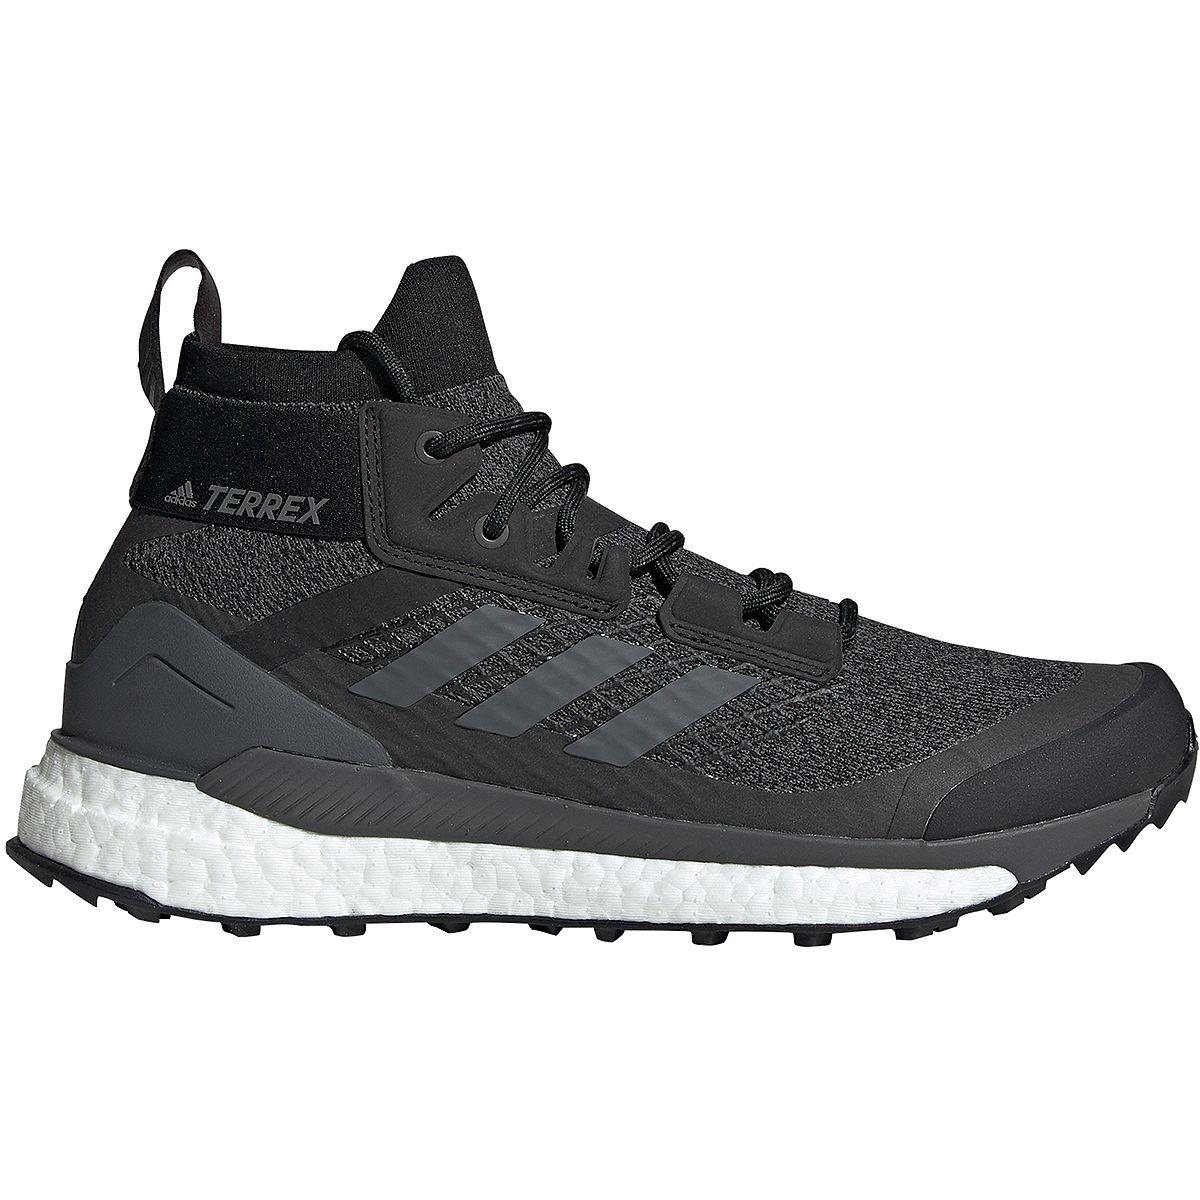 Adidas Outdoor Terrex Free Hiker Boot